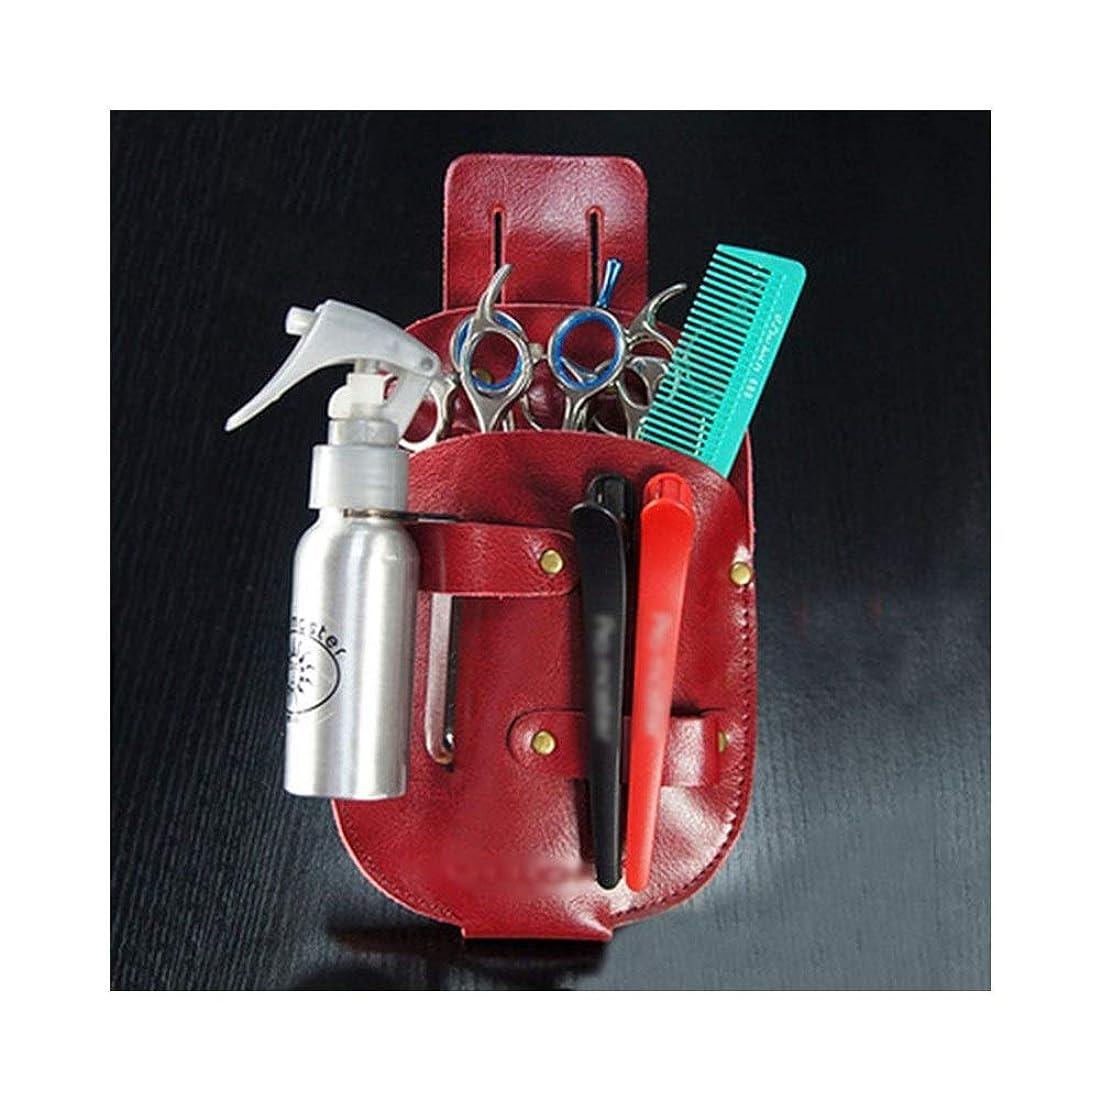 ポップ策定するランデブーJPAKIOS ヘアサロンレザー理容櫛プロのヘアスタイリスト理髪はさみウエストキットやかんバッグ (色 : ワインレッド)